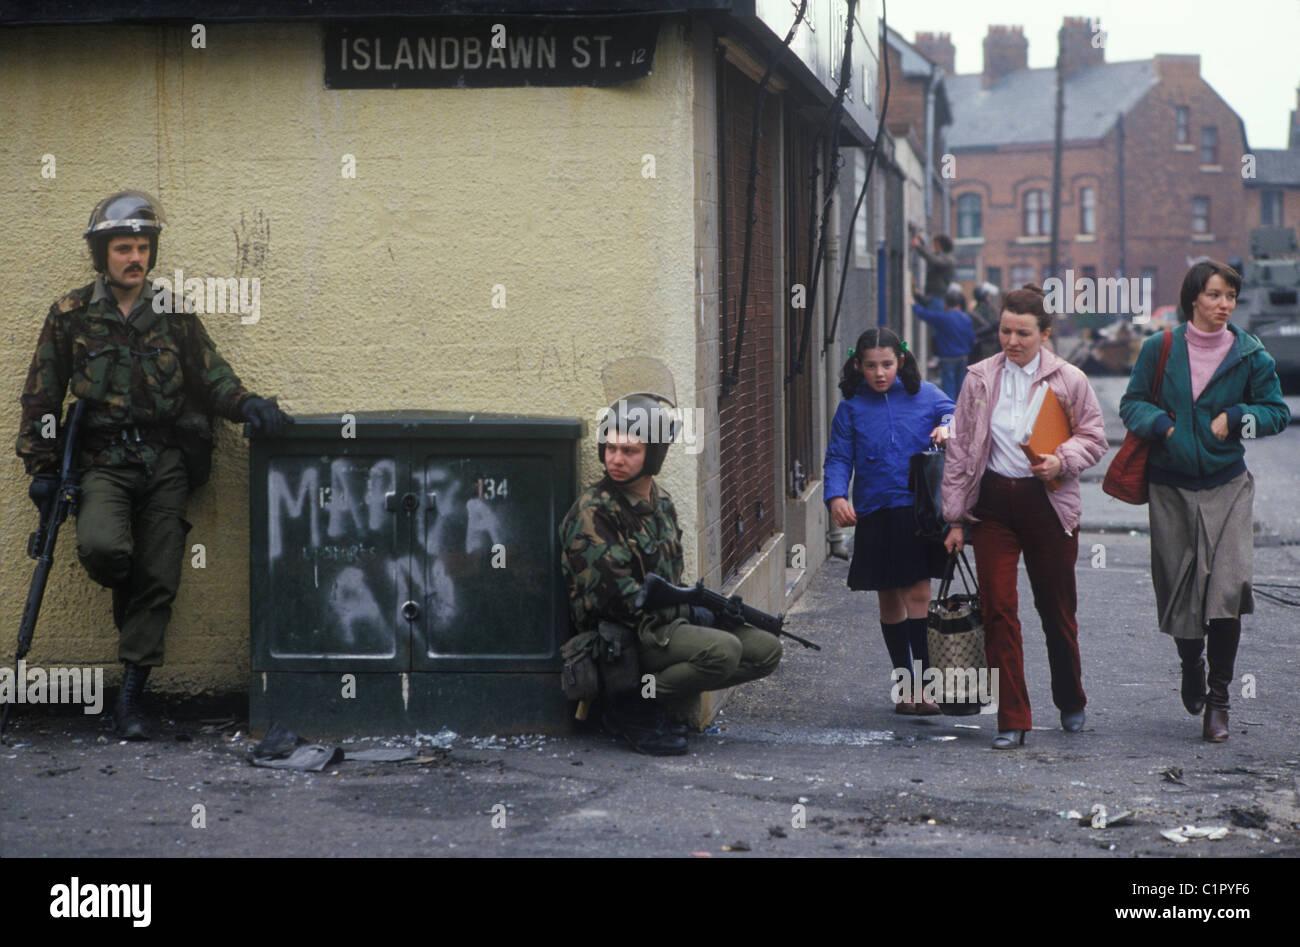 Belfast der Unruhen der 80er Jahre. Islandbawn Straße, Falls Road Belfast britische Soldaten. 80 s UK HOMER Stockbild